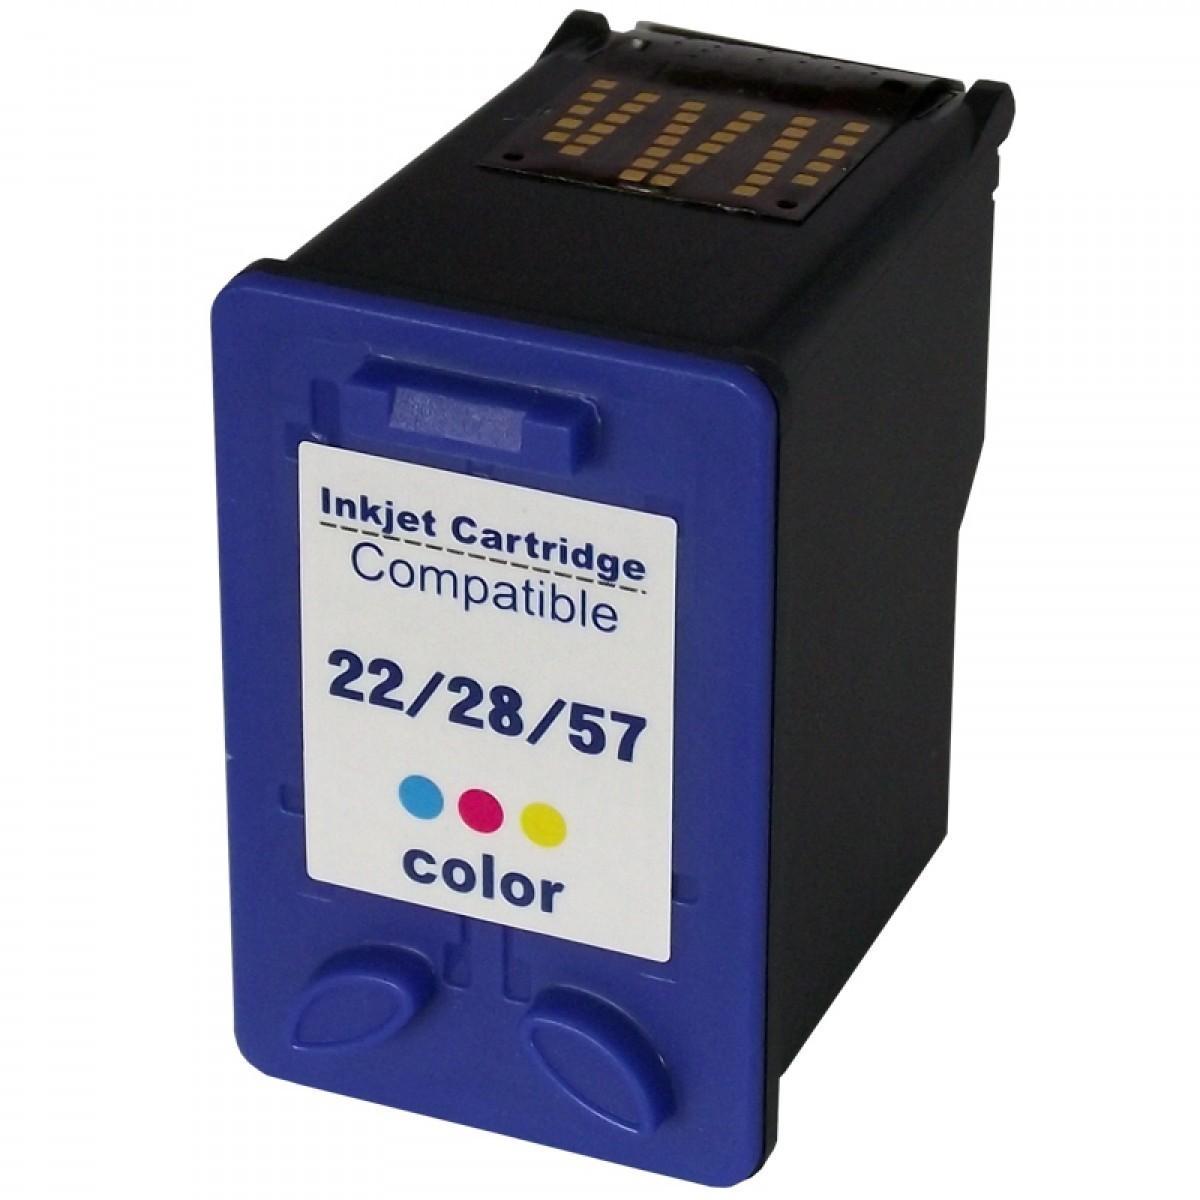 Foto 1 - HP 22/728/657 |Cartucho Compatível| 22ml | Cor: Color | Série 3000